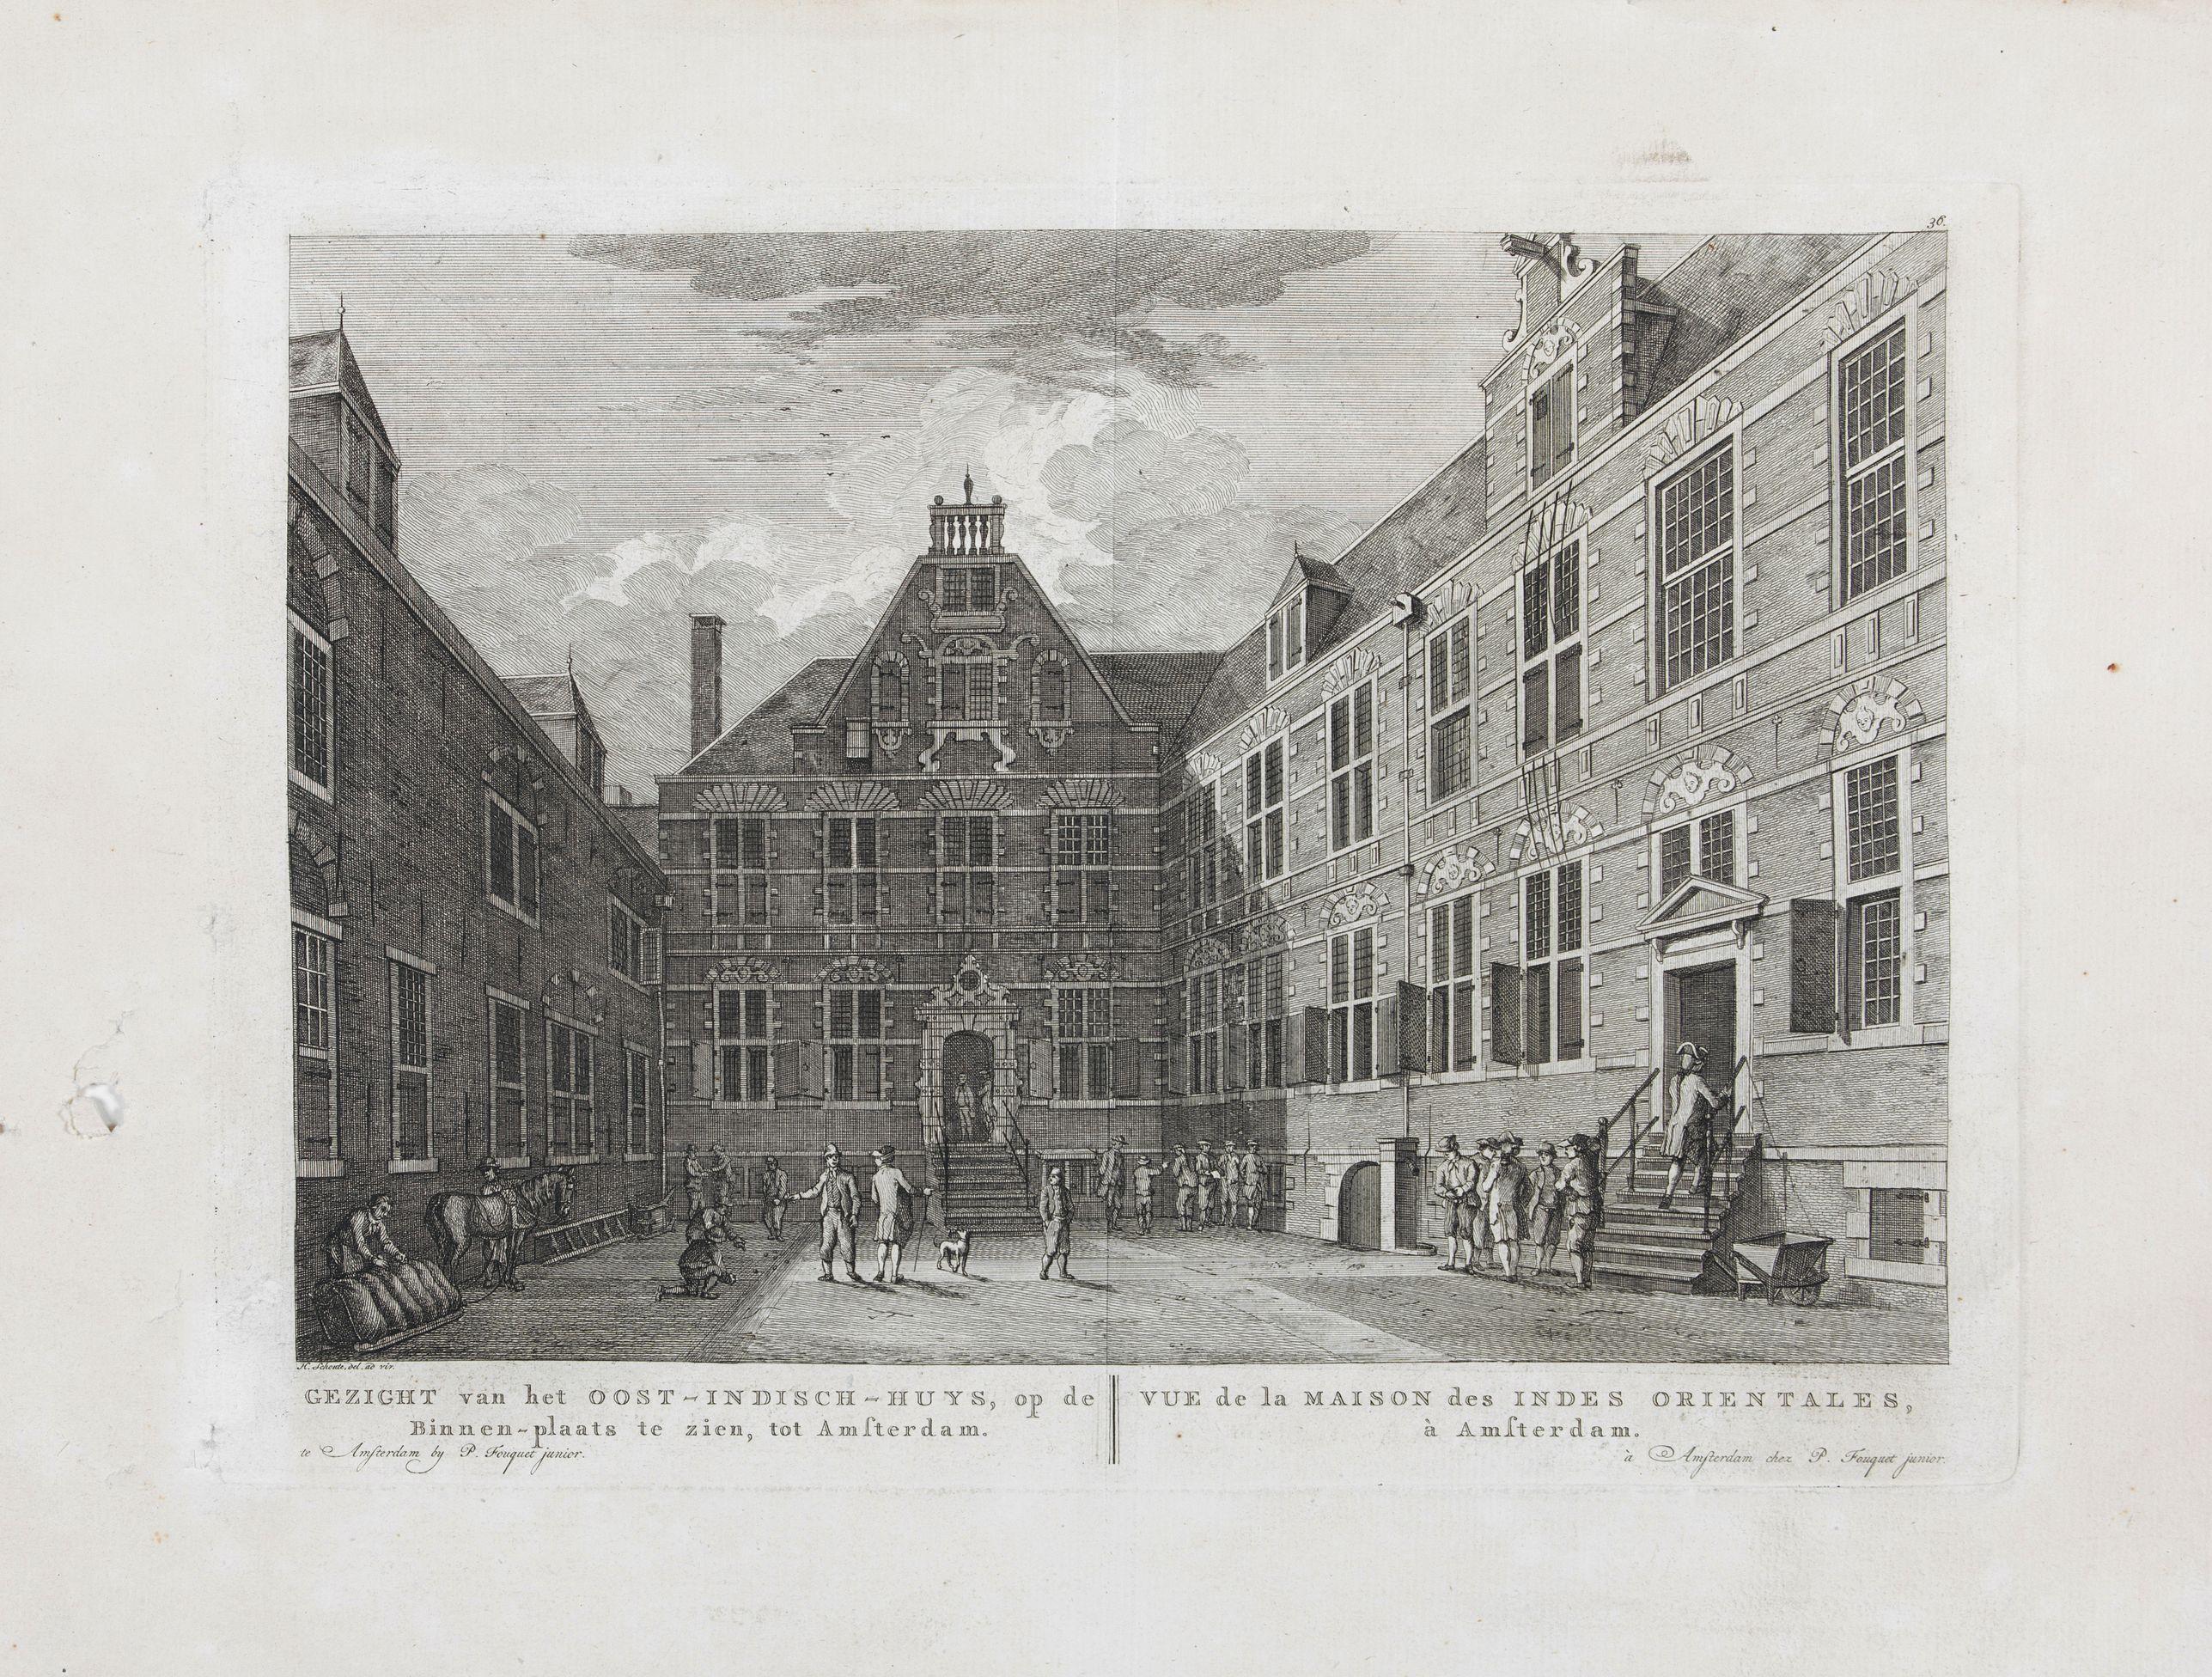 FOUQUET jr., P. -  Gezicht van het Oost-Indisch-Huys, op de binnen plaats te zien, tot Amsterdam.